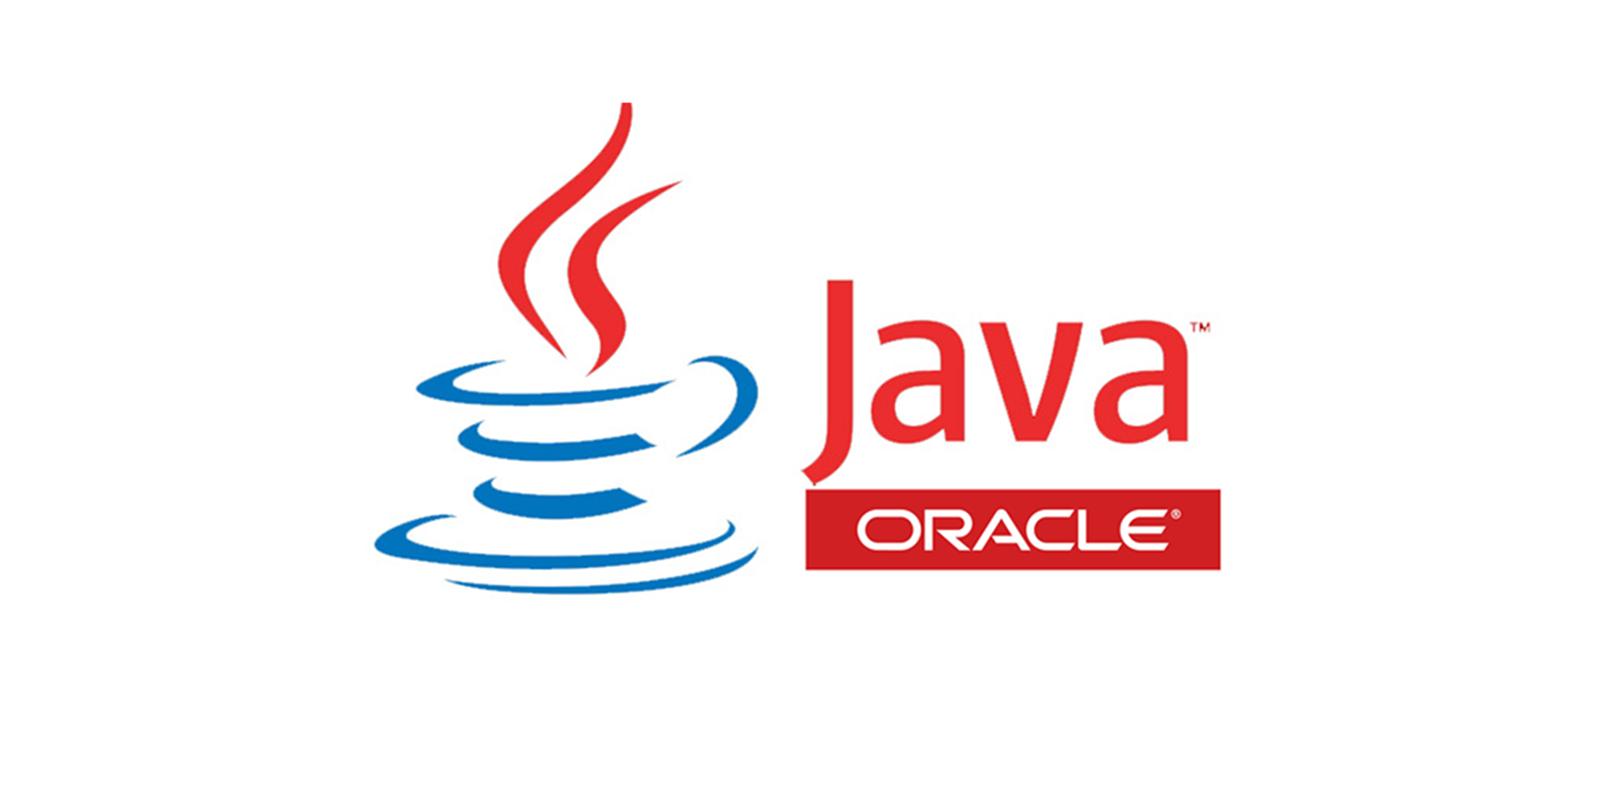 Corso in Programmazione Java Tivoli Forma Academy 1600x800